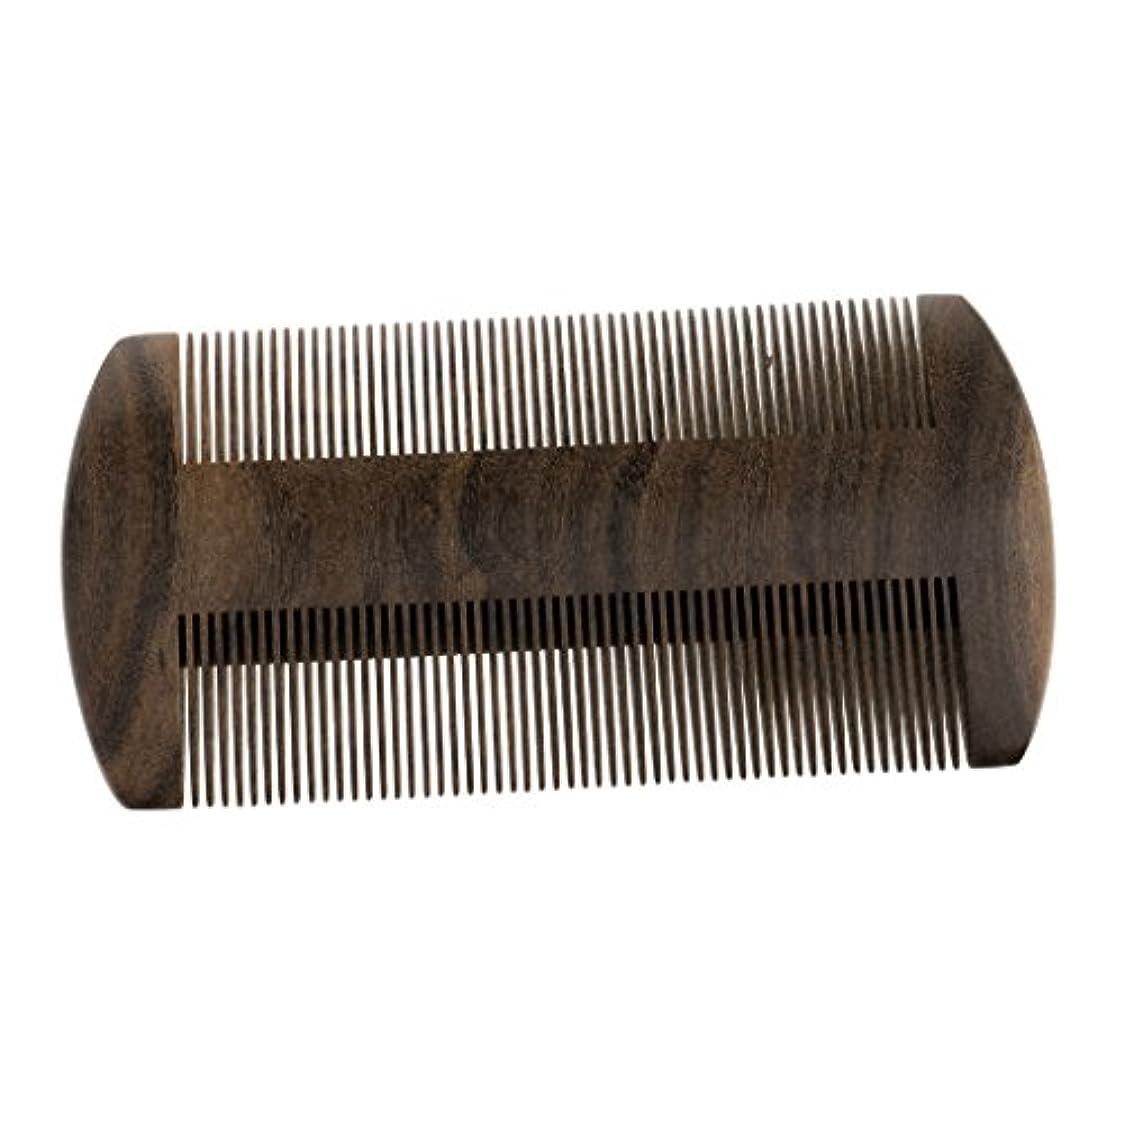 キャメルうなずく代数的ヘアダイコーム ウッドコーム ヘアブラシ 静電気防止 髭剃り櫛 ブラシ ポケットコーム